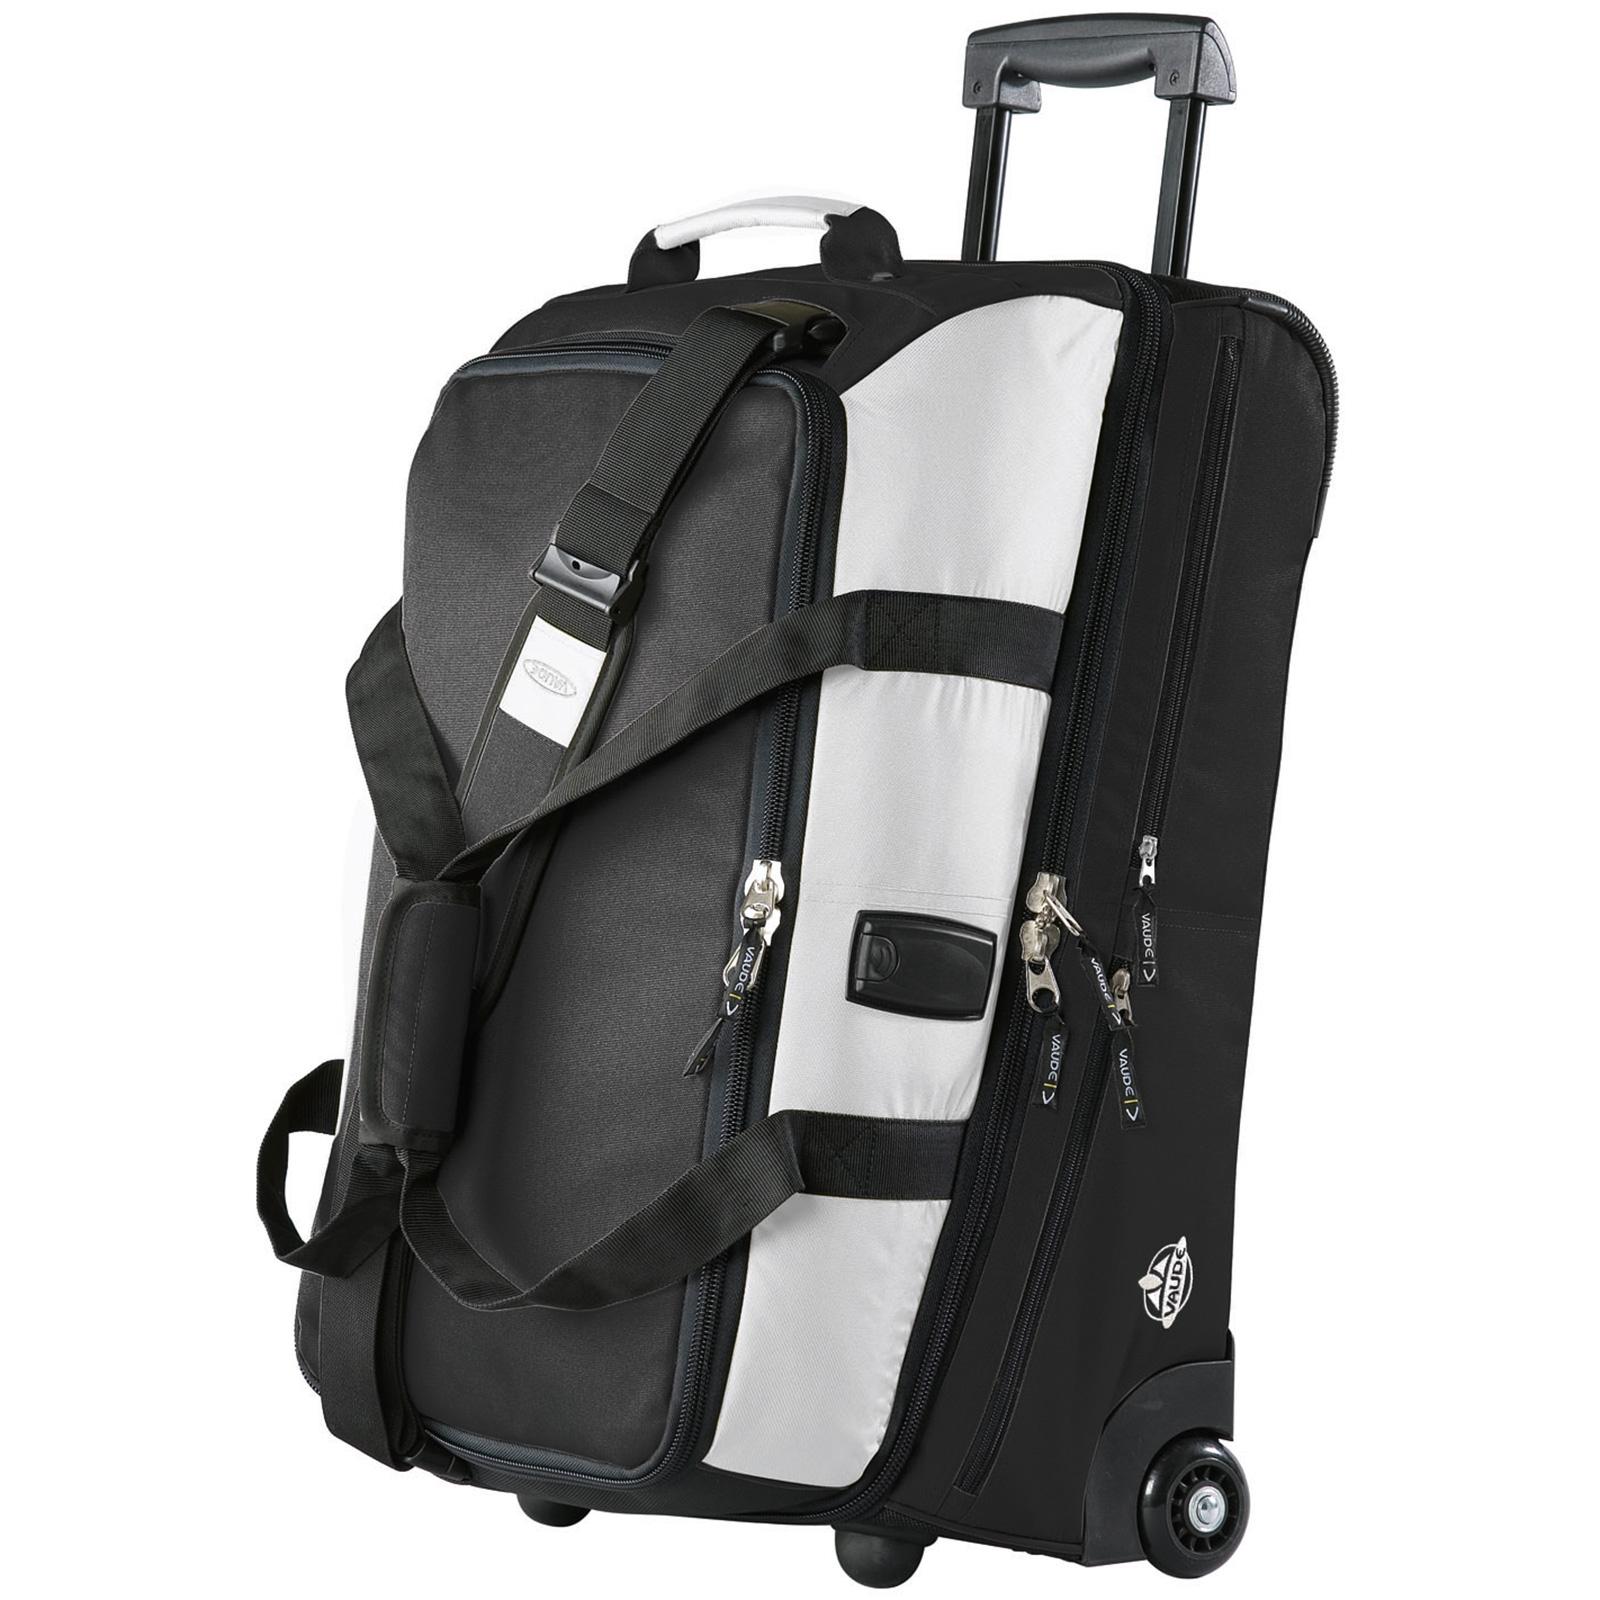 vaude samoa reisetasche koffer trolley 85 l schwarz neu ebay. Black Bedroom Furniture Sets. Home Design Ideas